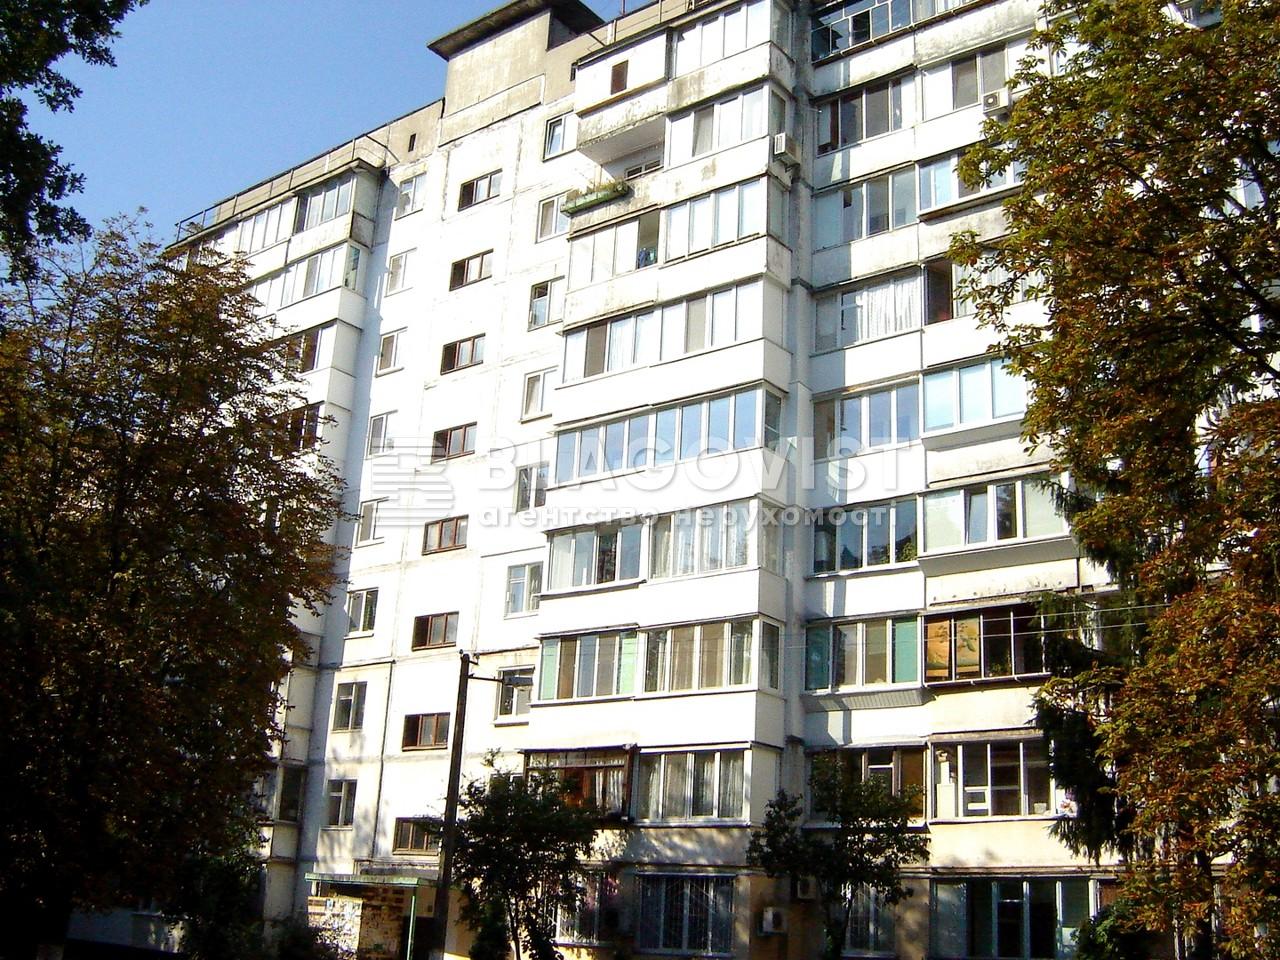 Квартира R-39878, Щербаковского Даниила (Щербакова), 49д, Киев - Фото 1